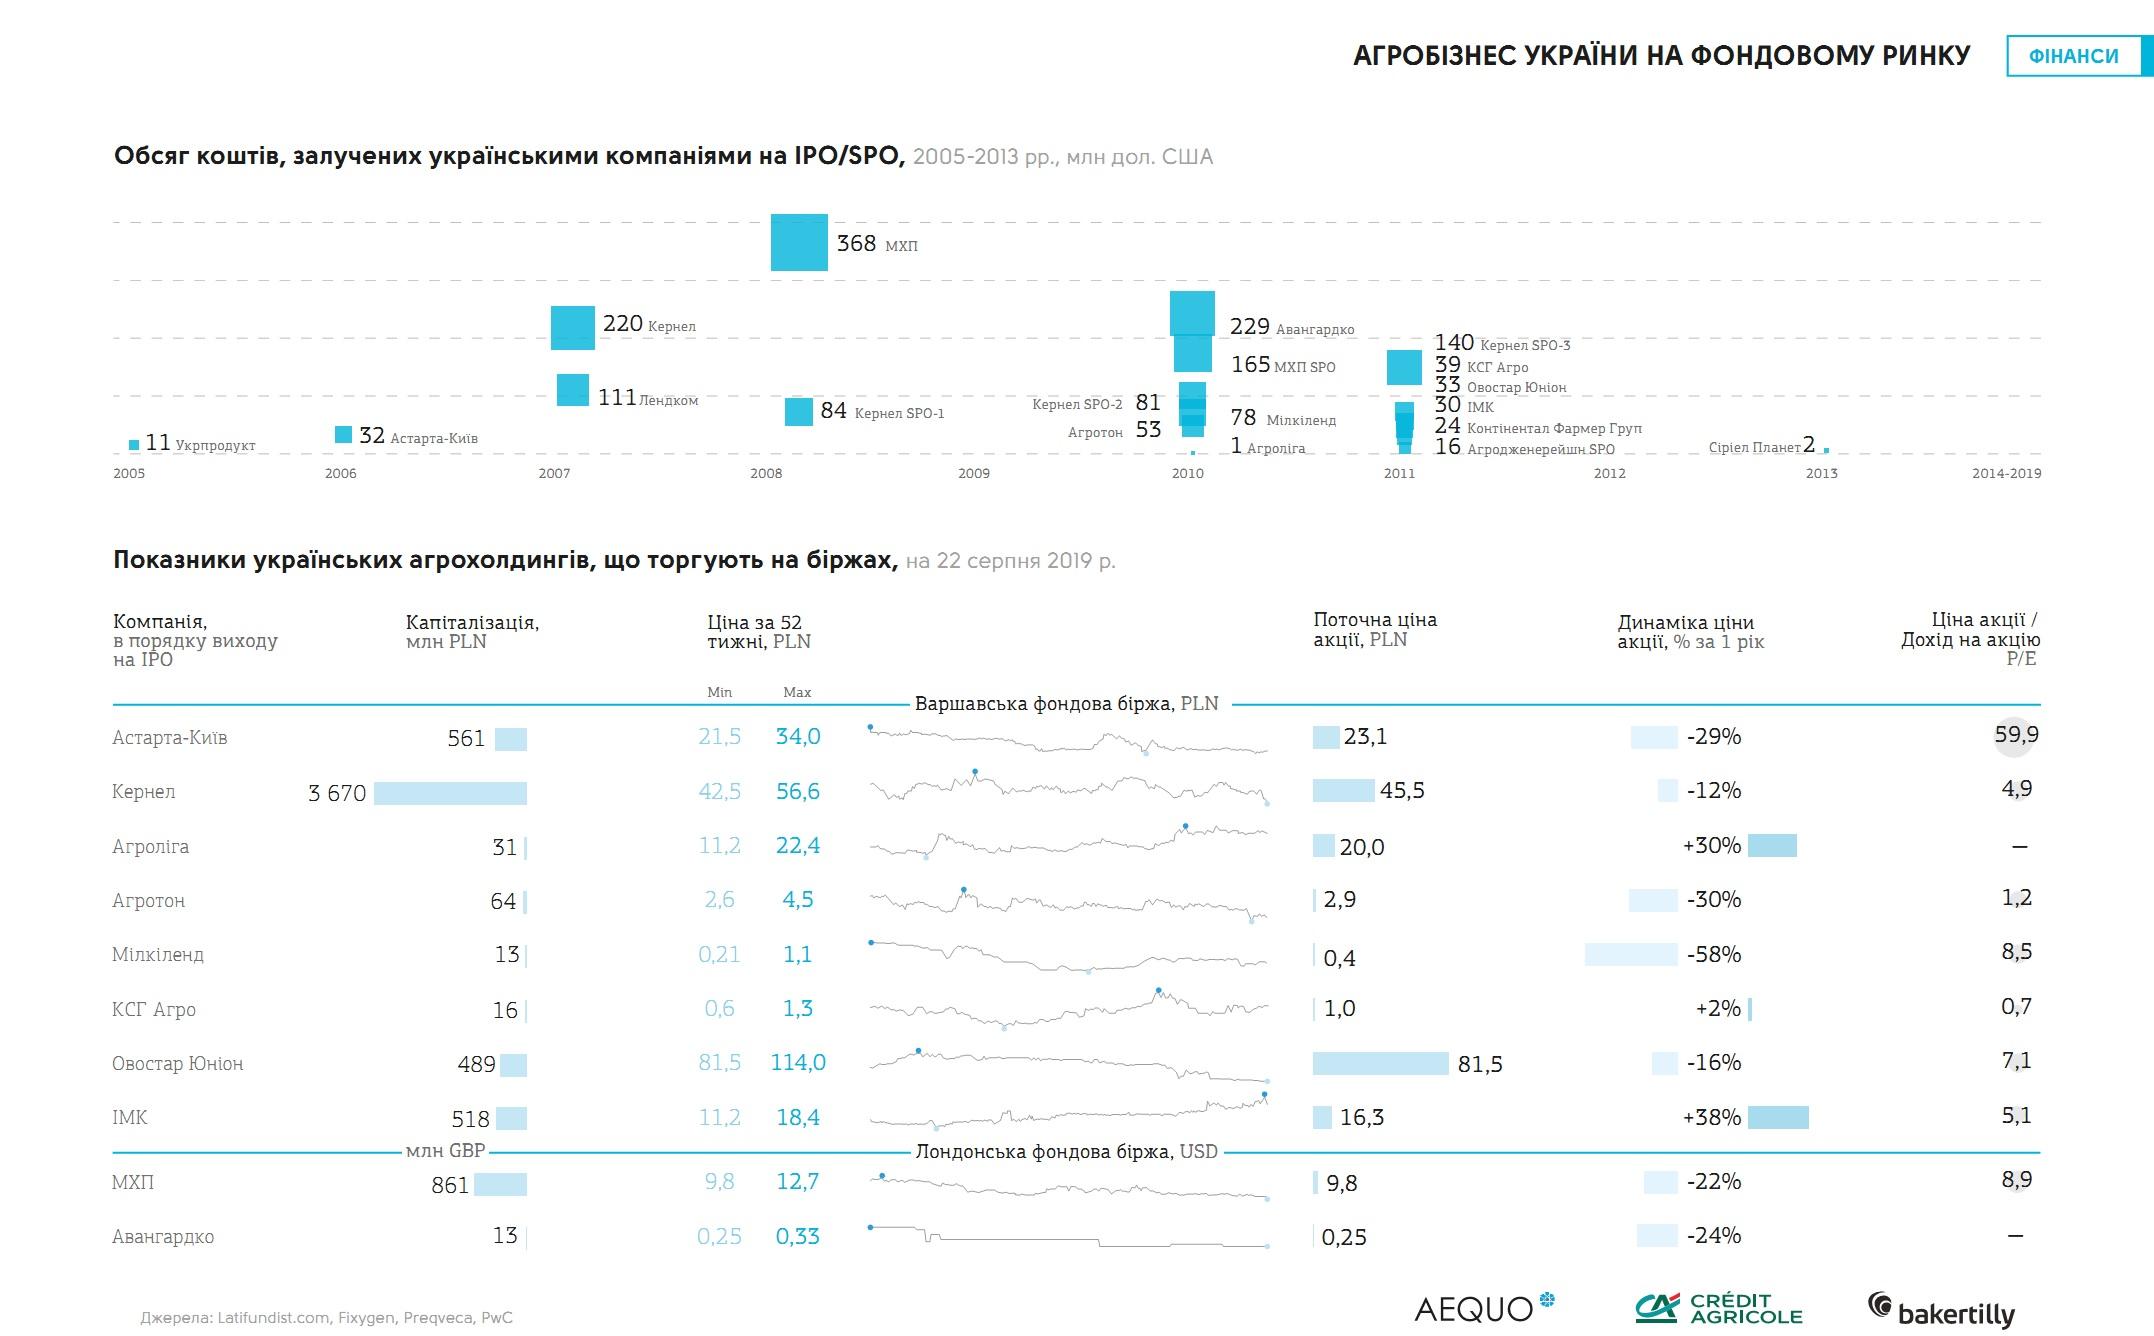 Агробизнес Украины на фондовых рынках (кликните для увеличения изображения)